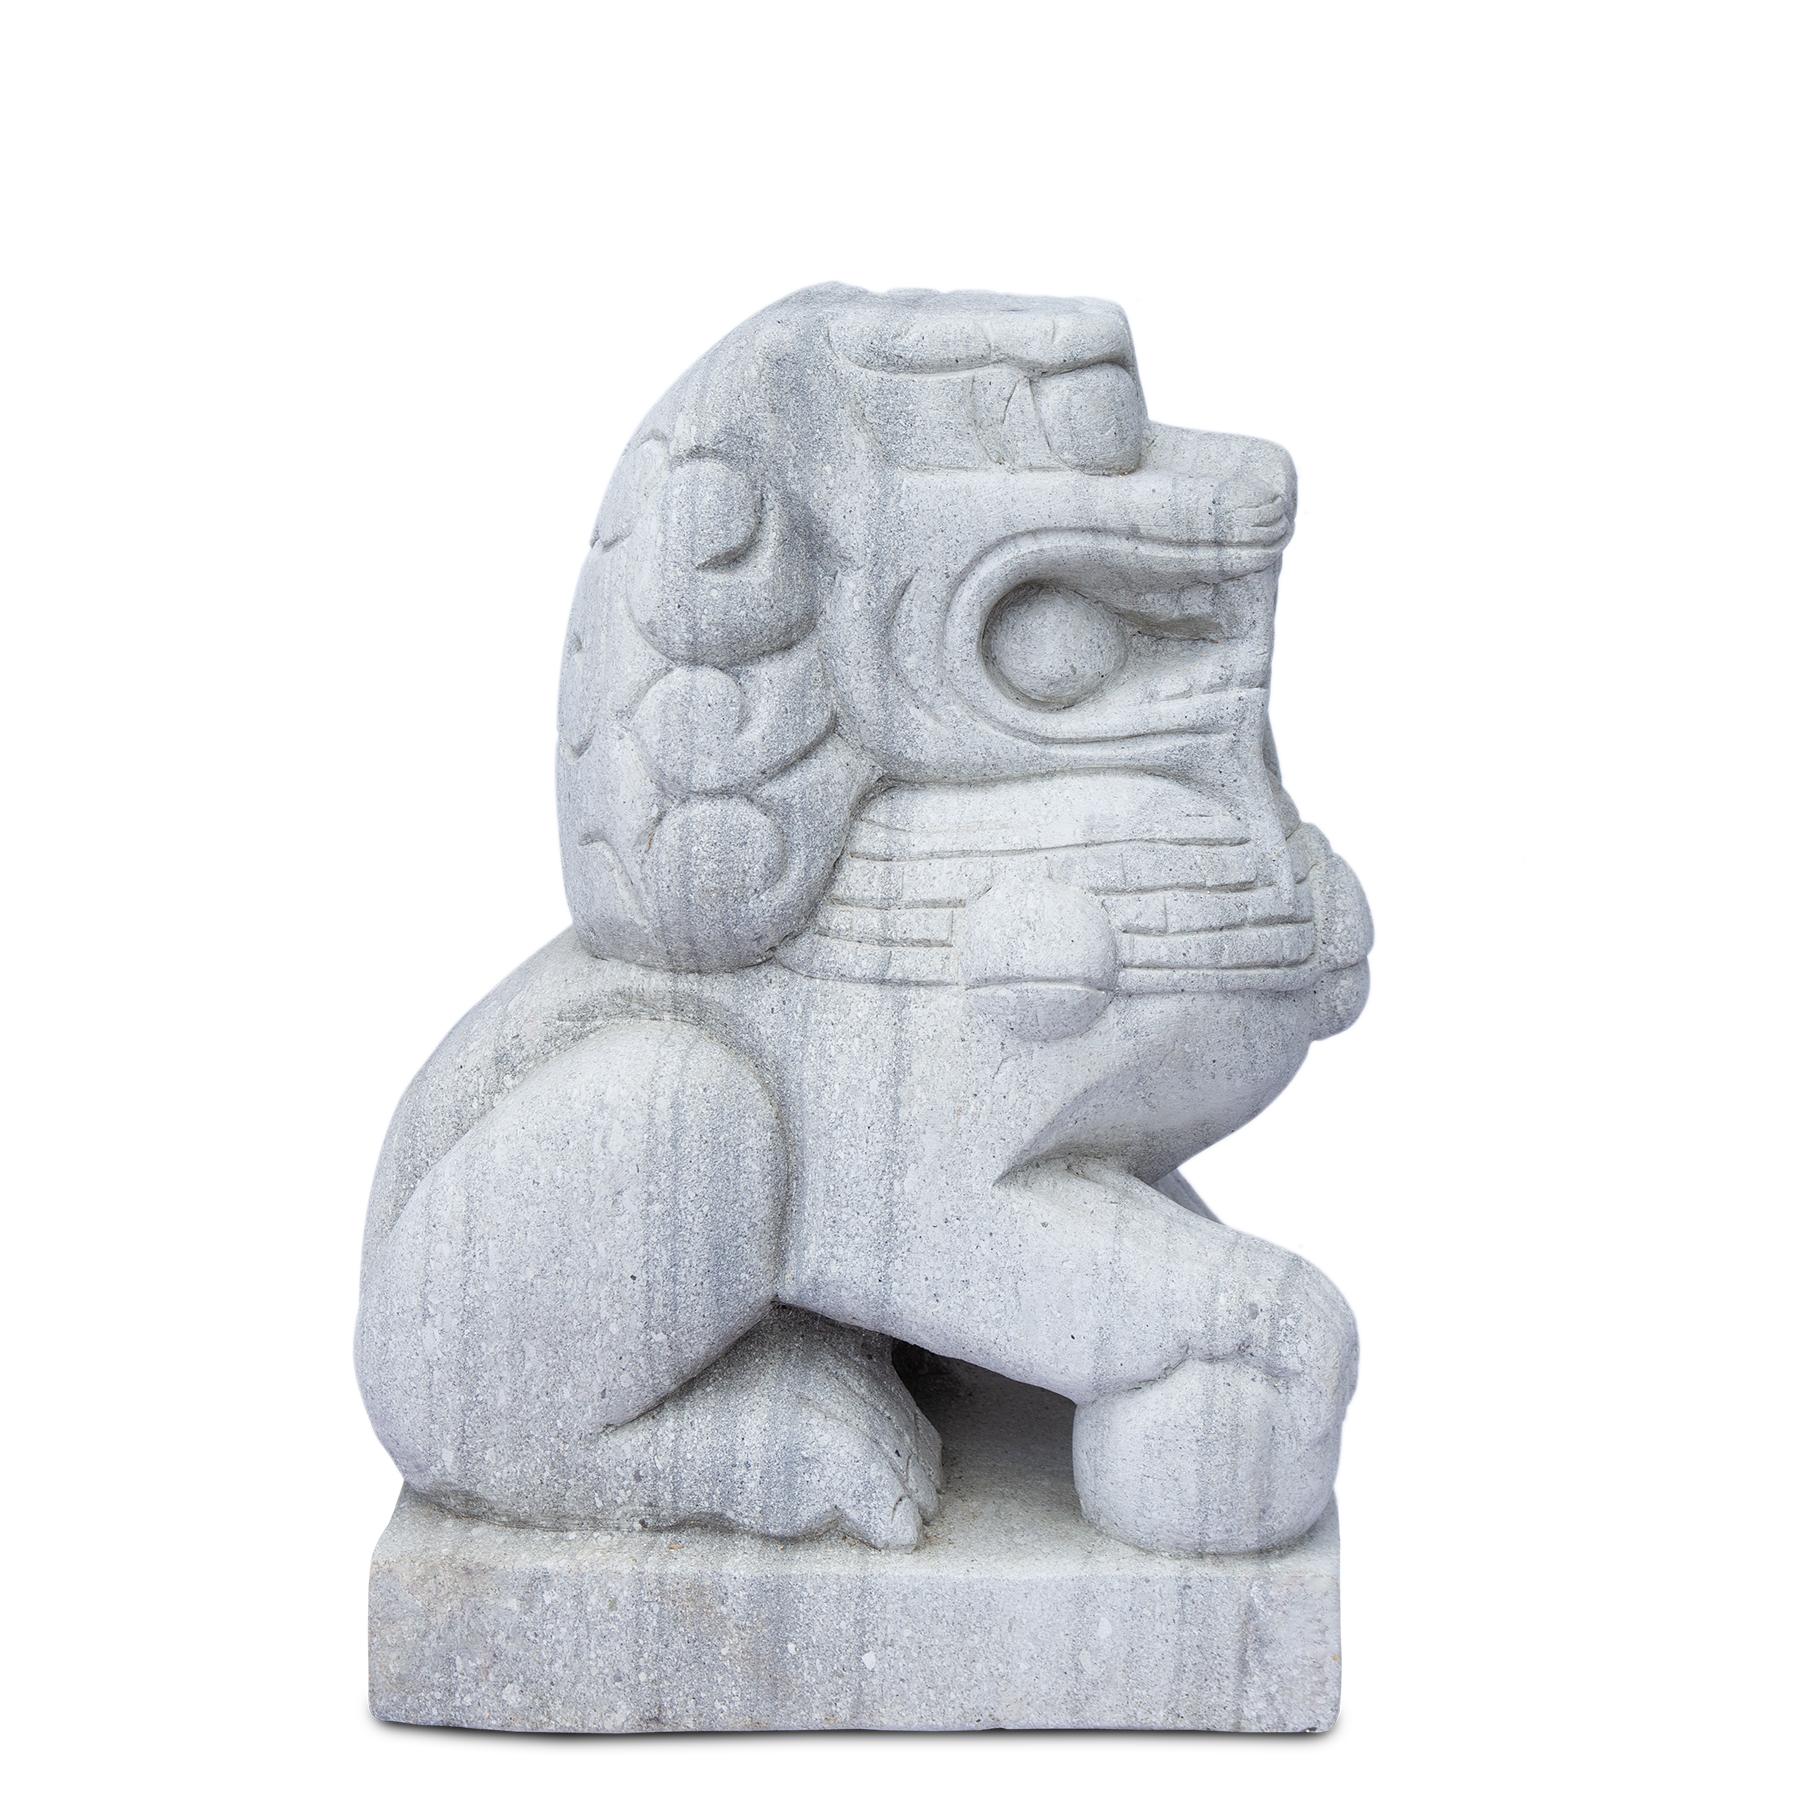 Fu Hund Wächterlöwe Skulptur Tempelwächter Rechts ca. 64 cm Wetterfest Stein-Gemisch massiv Grau – Bild 4